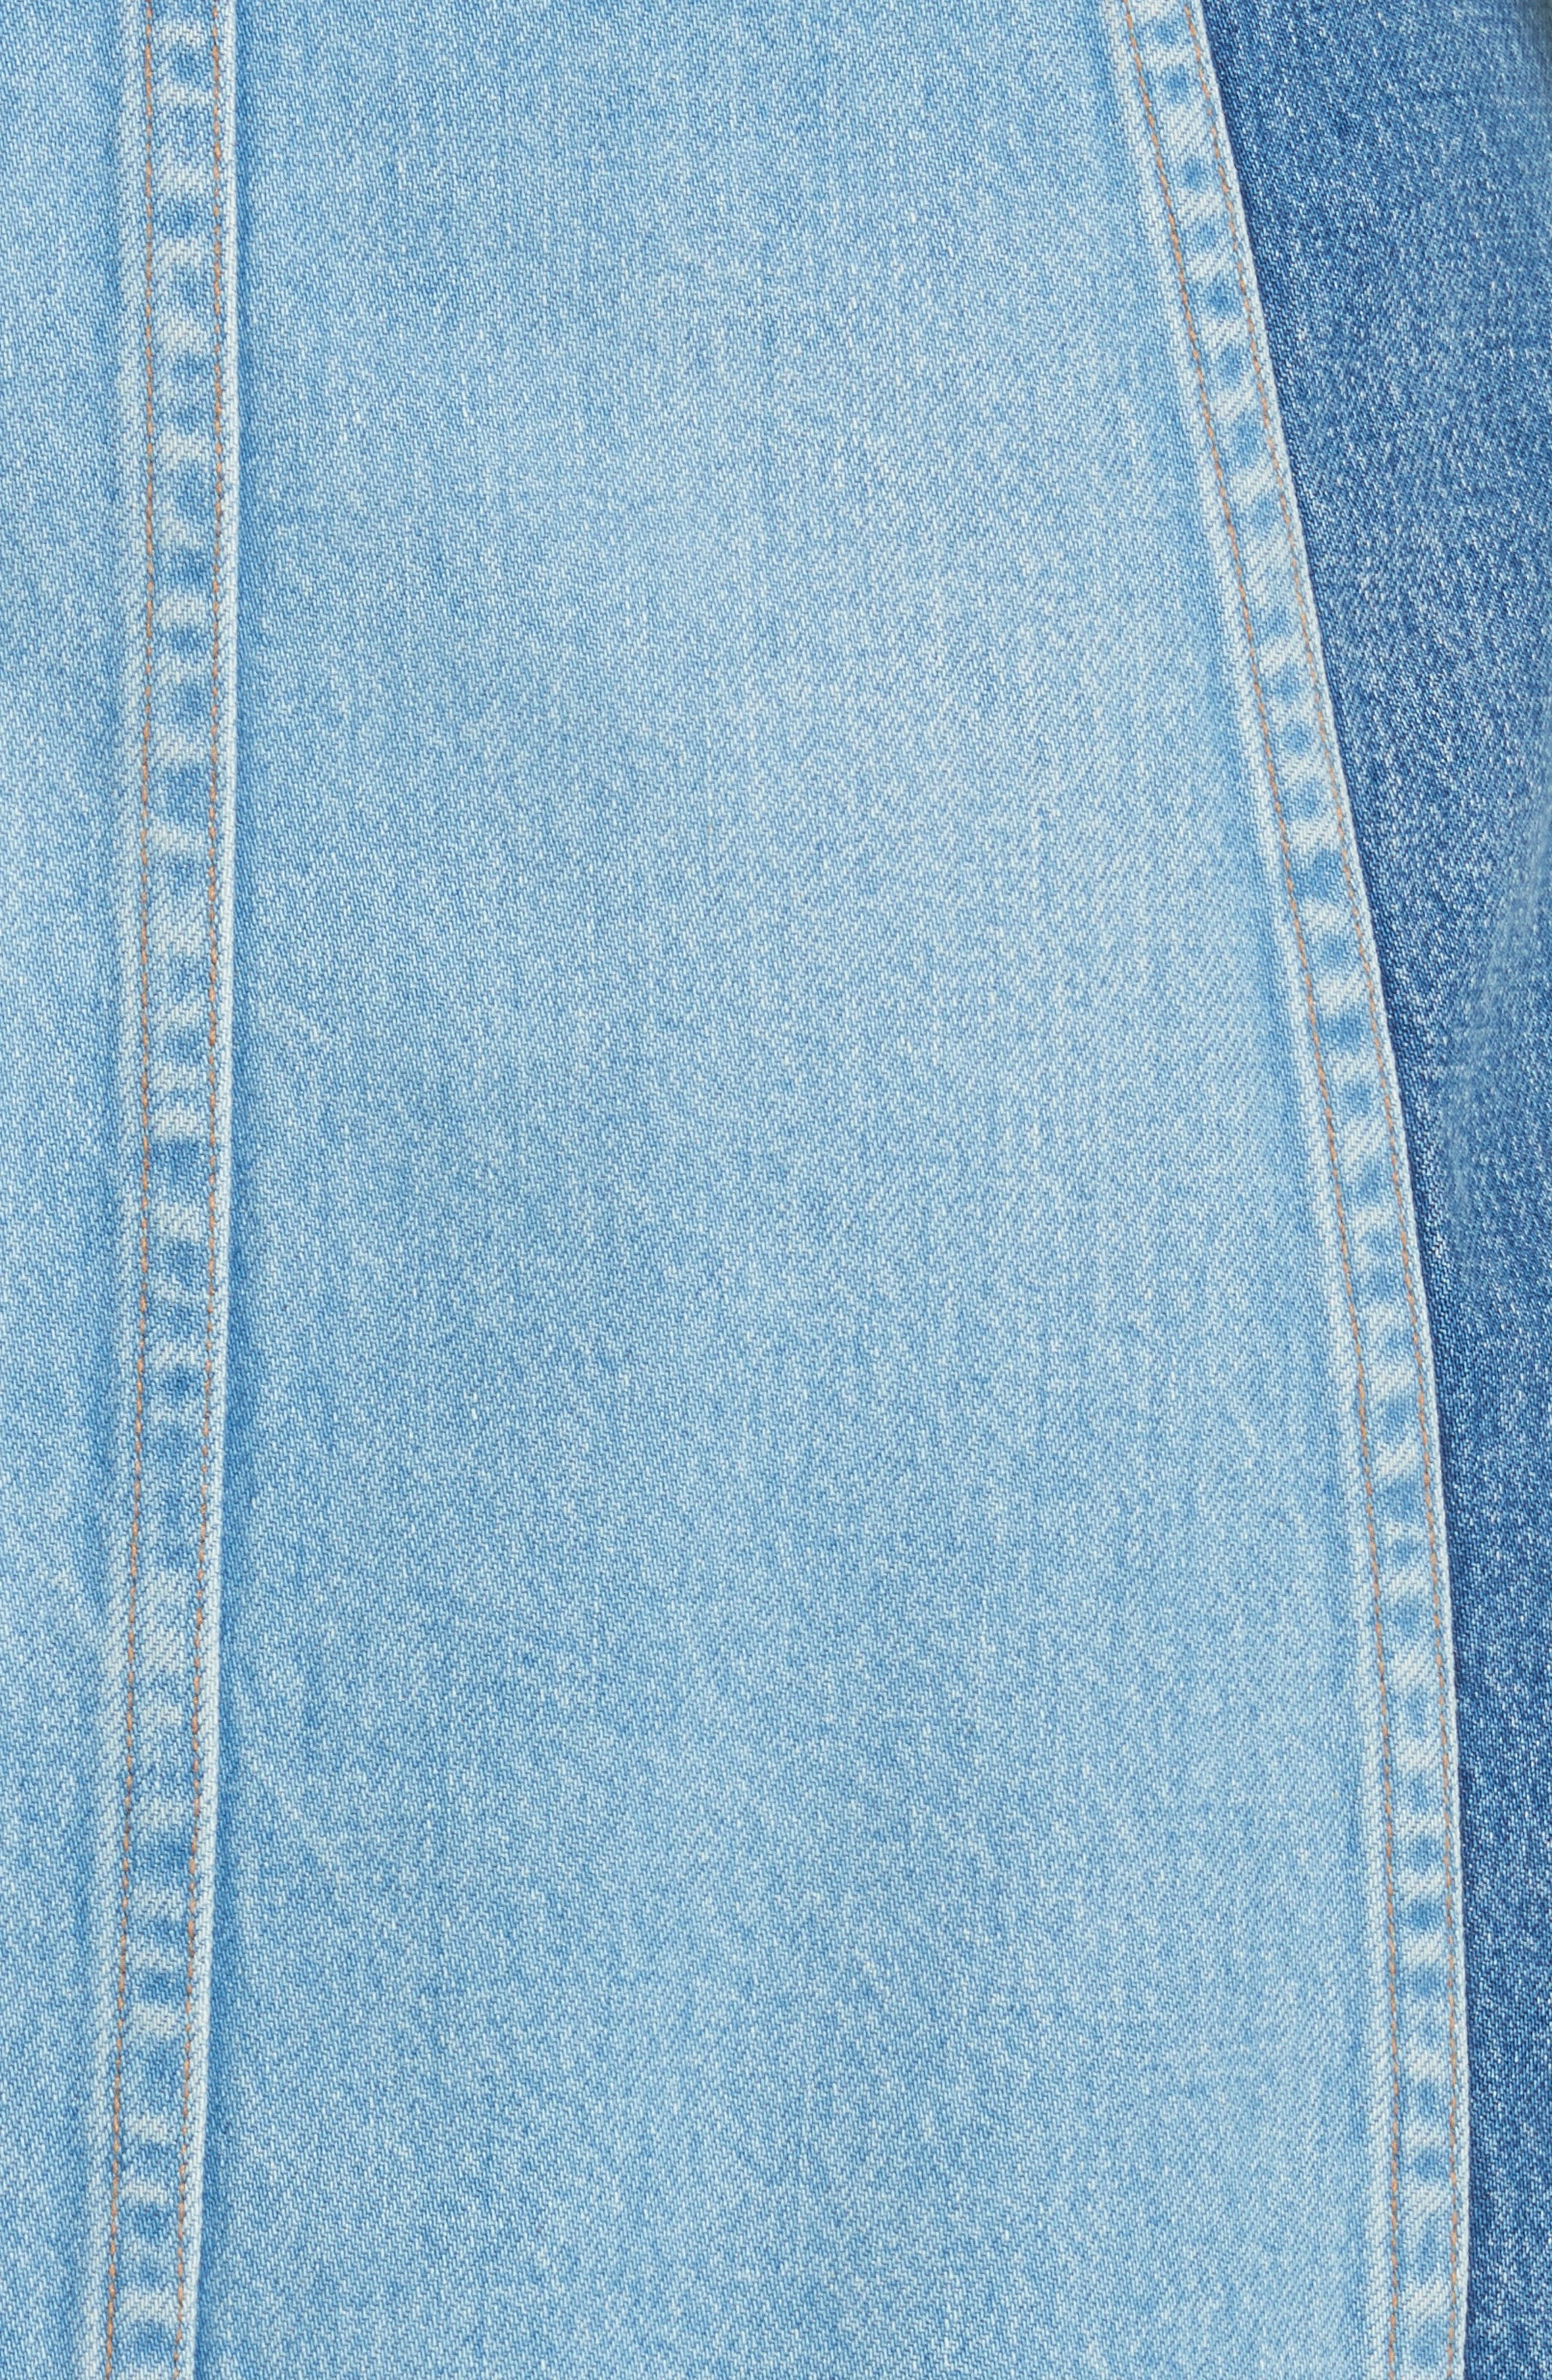 Eloise High Rise Denim Miniskirt,                             Alternate thumbnail 5, color,                             424